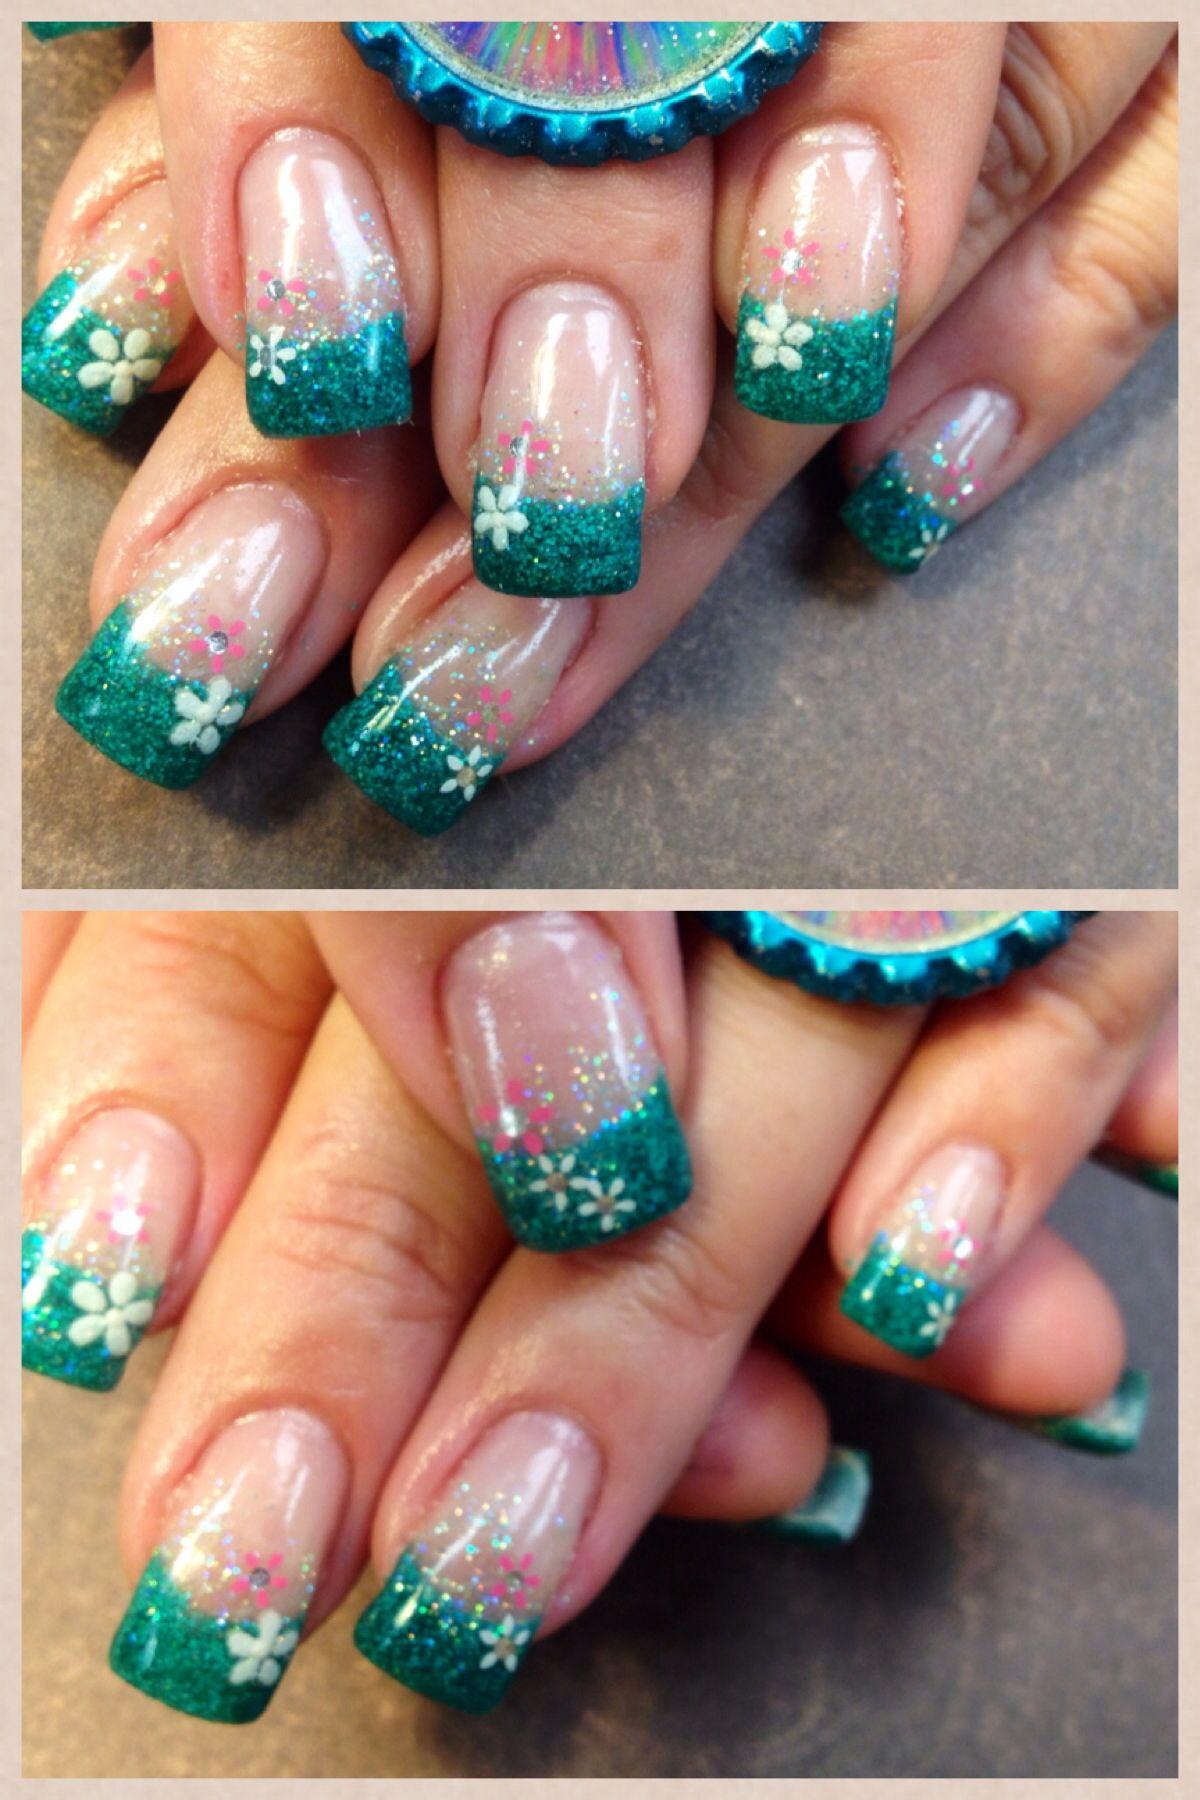 Spring nails | Nail Art Community Pins | Pinterest | Spring nails ...